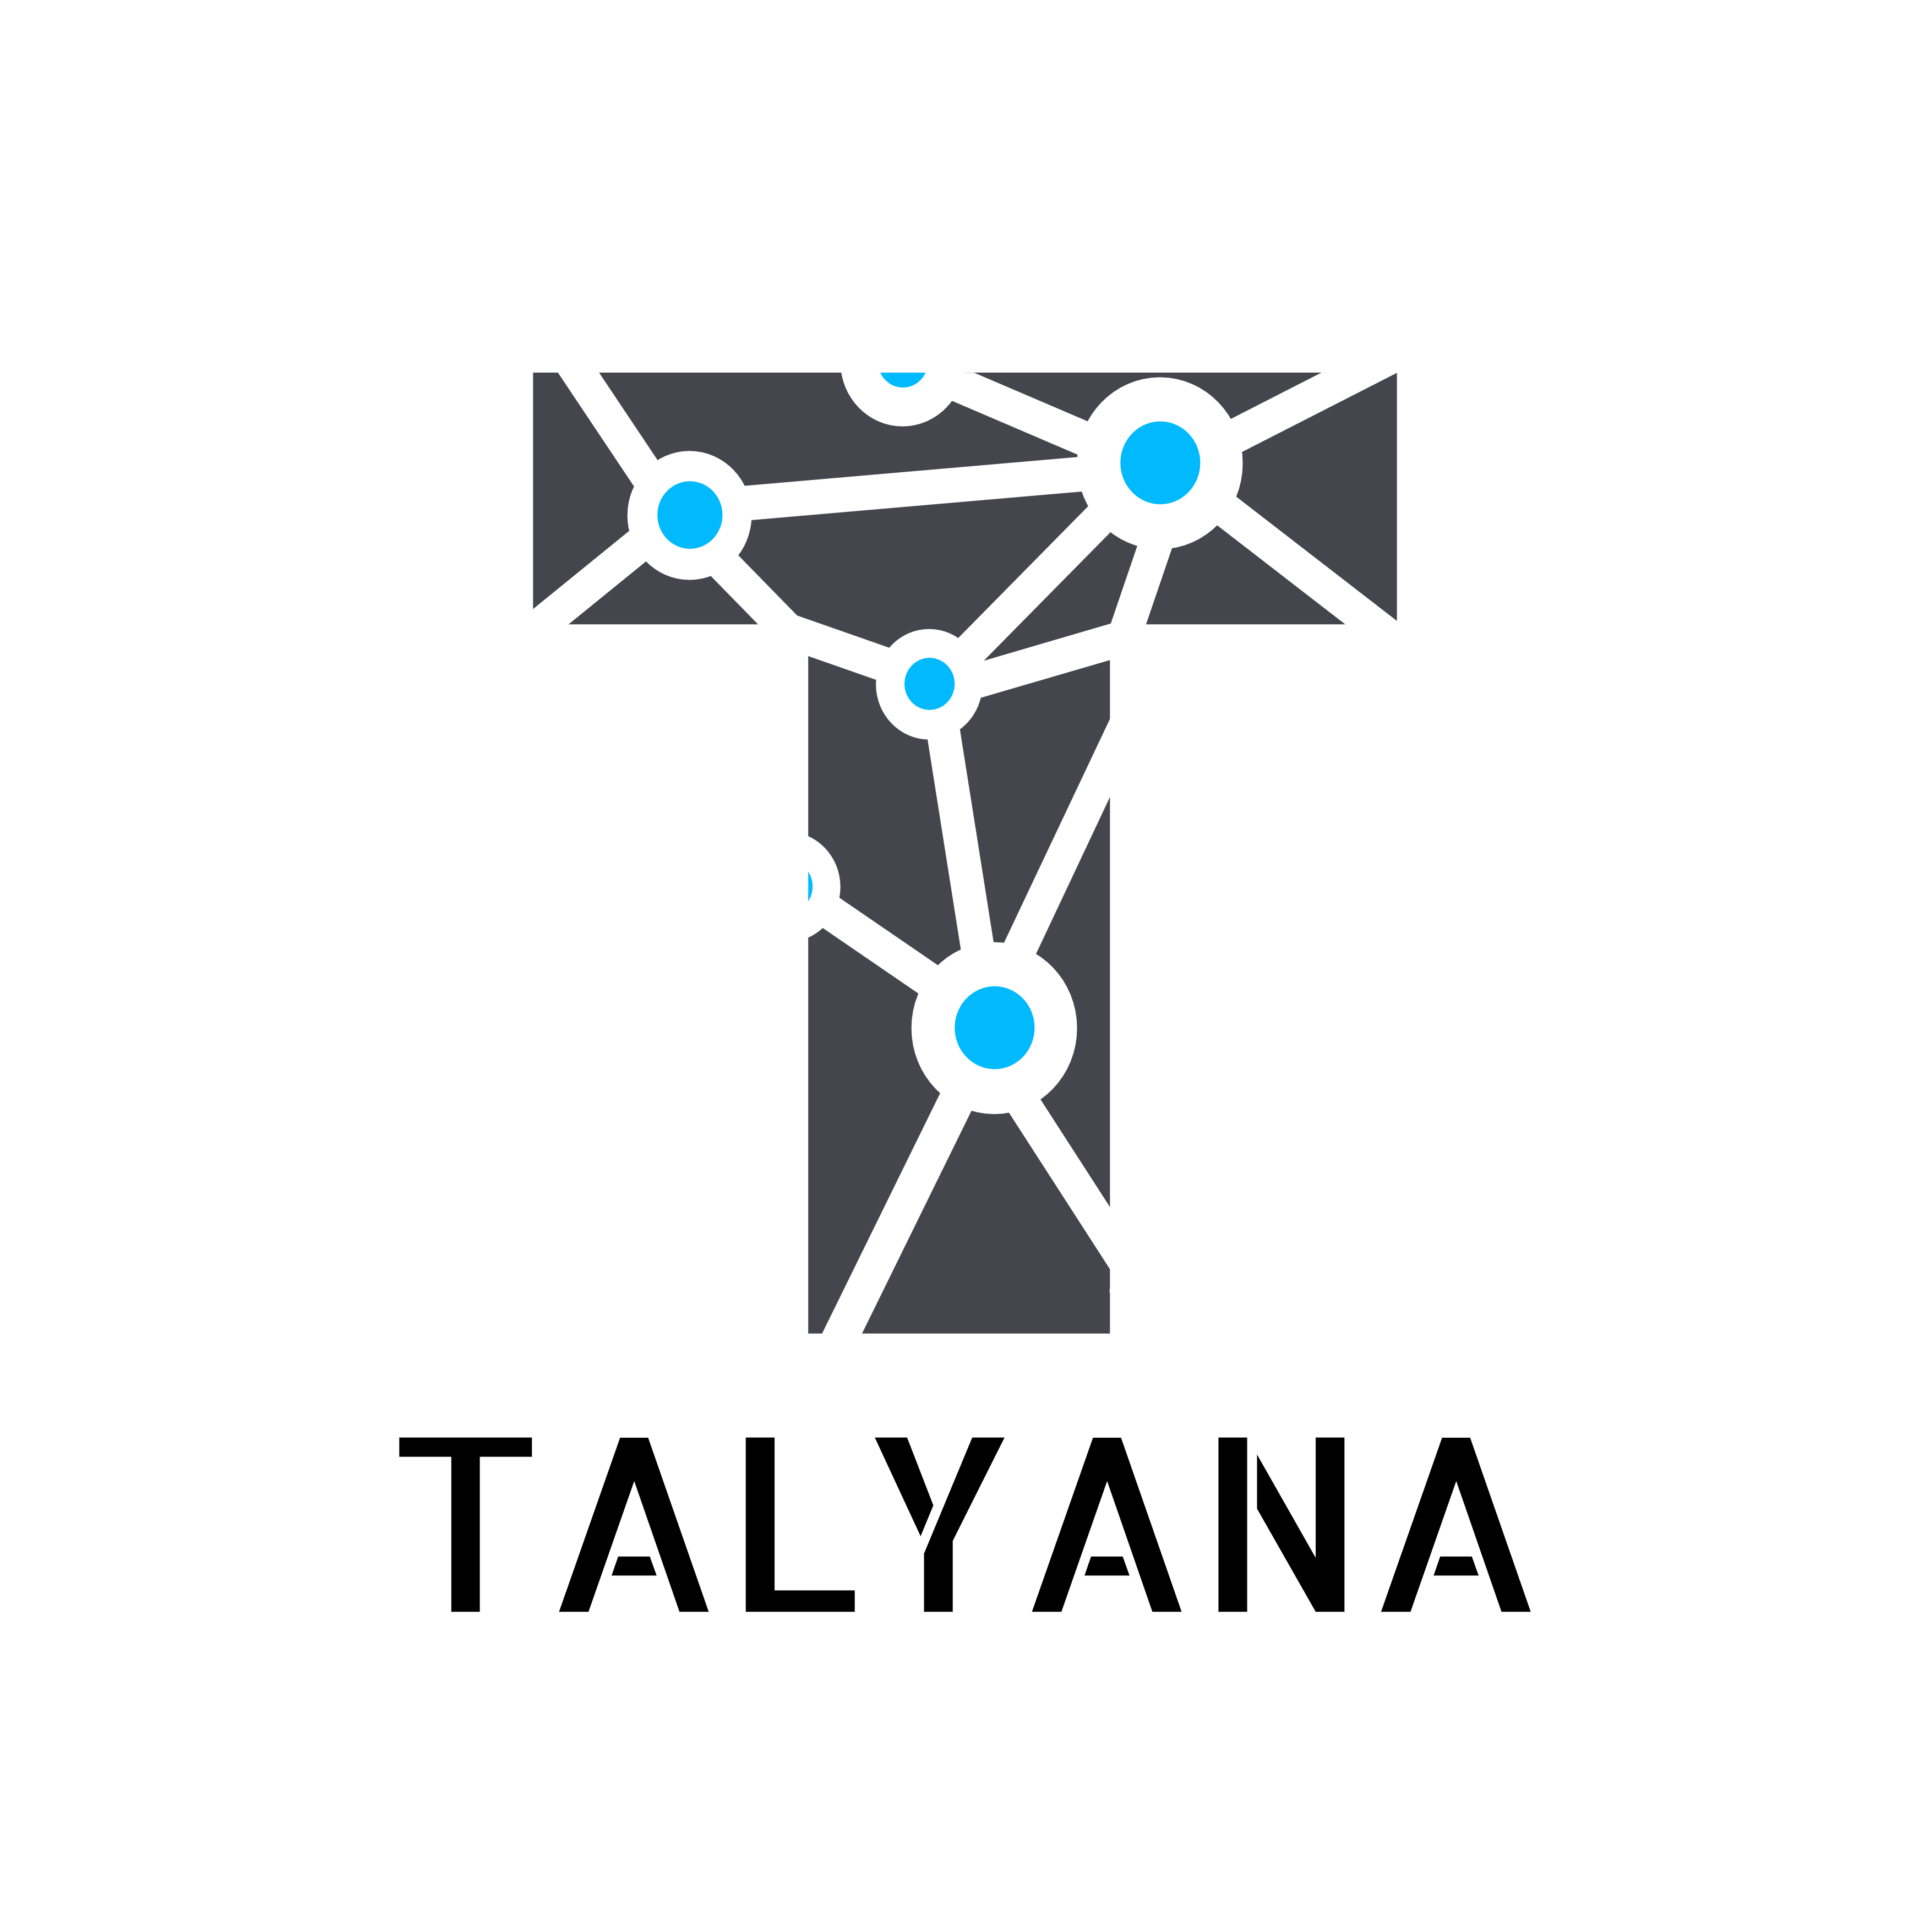 Talyana Лого